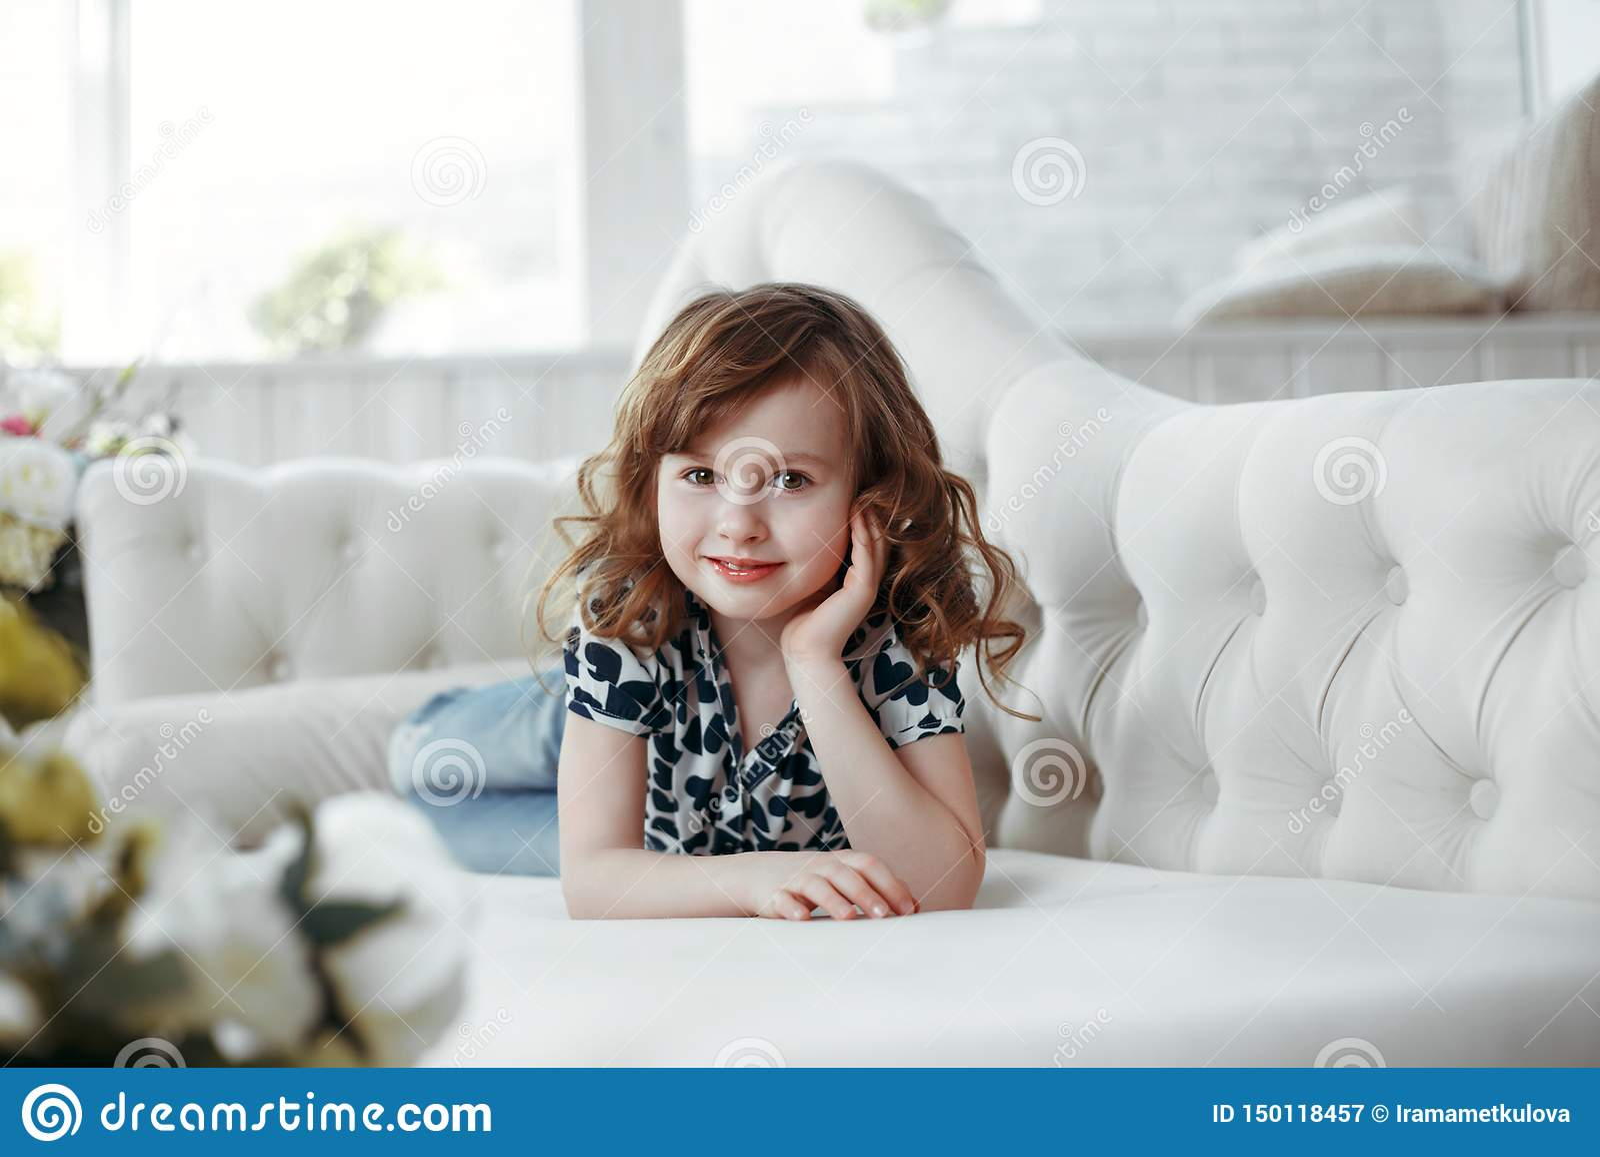 Retrato de la belleza del retrato marrón del estudio del pelo y de la muchacha de los ojos